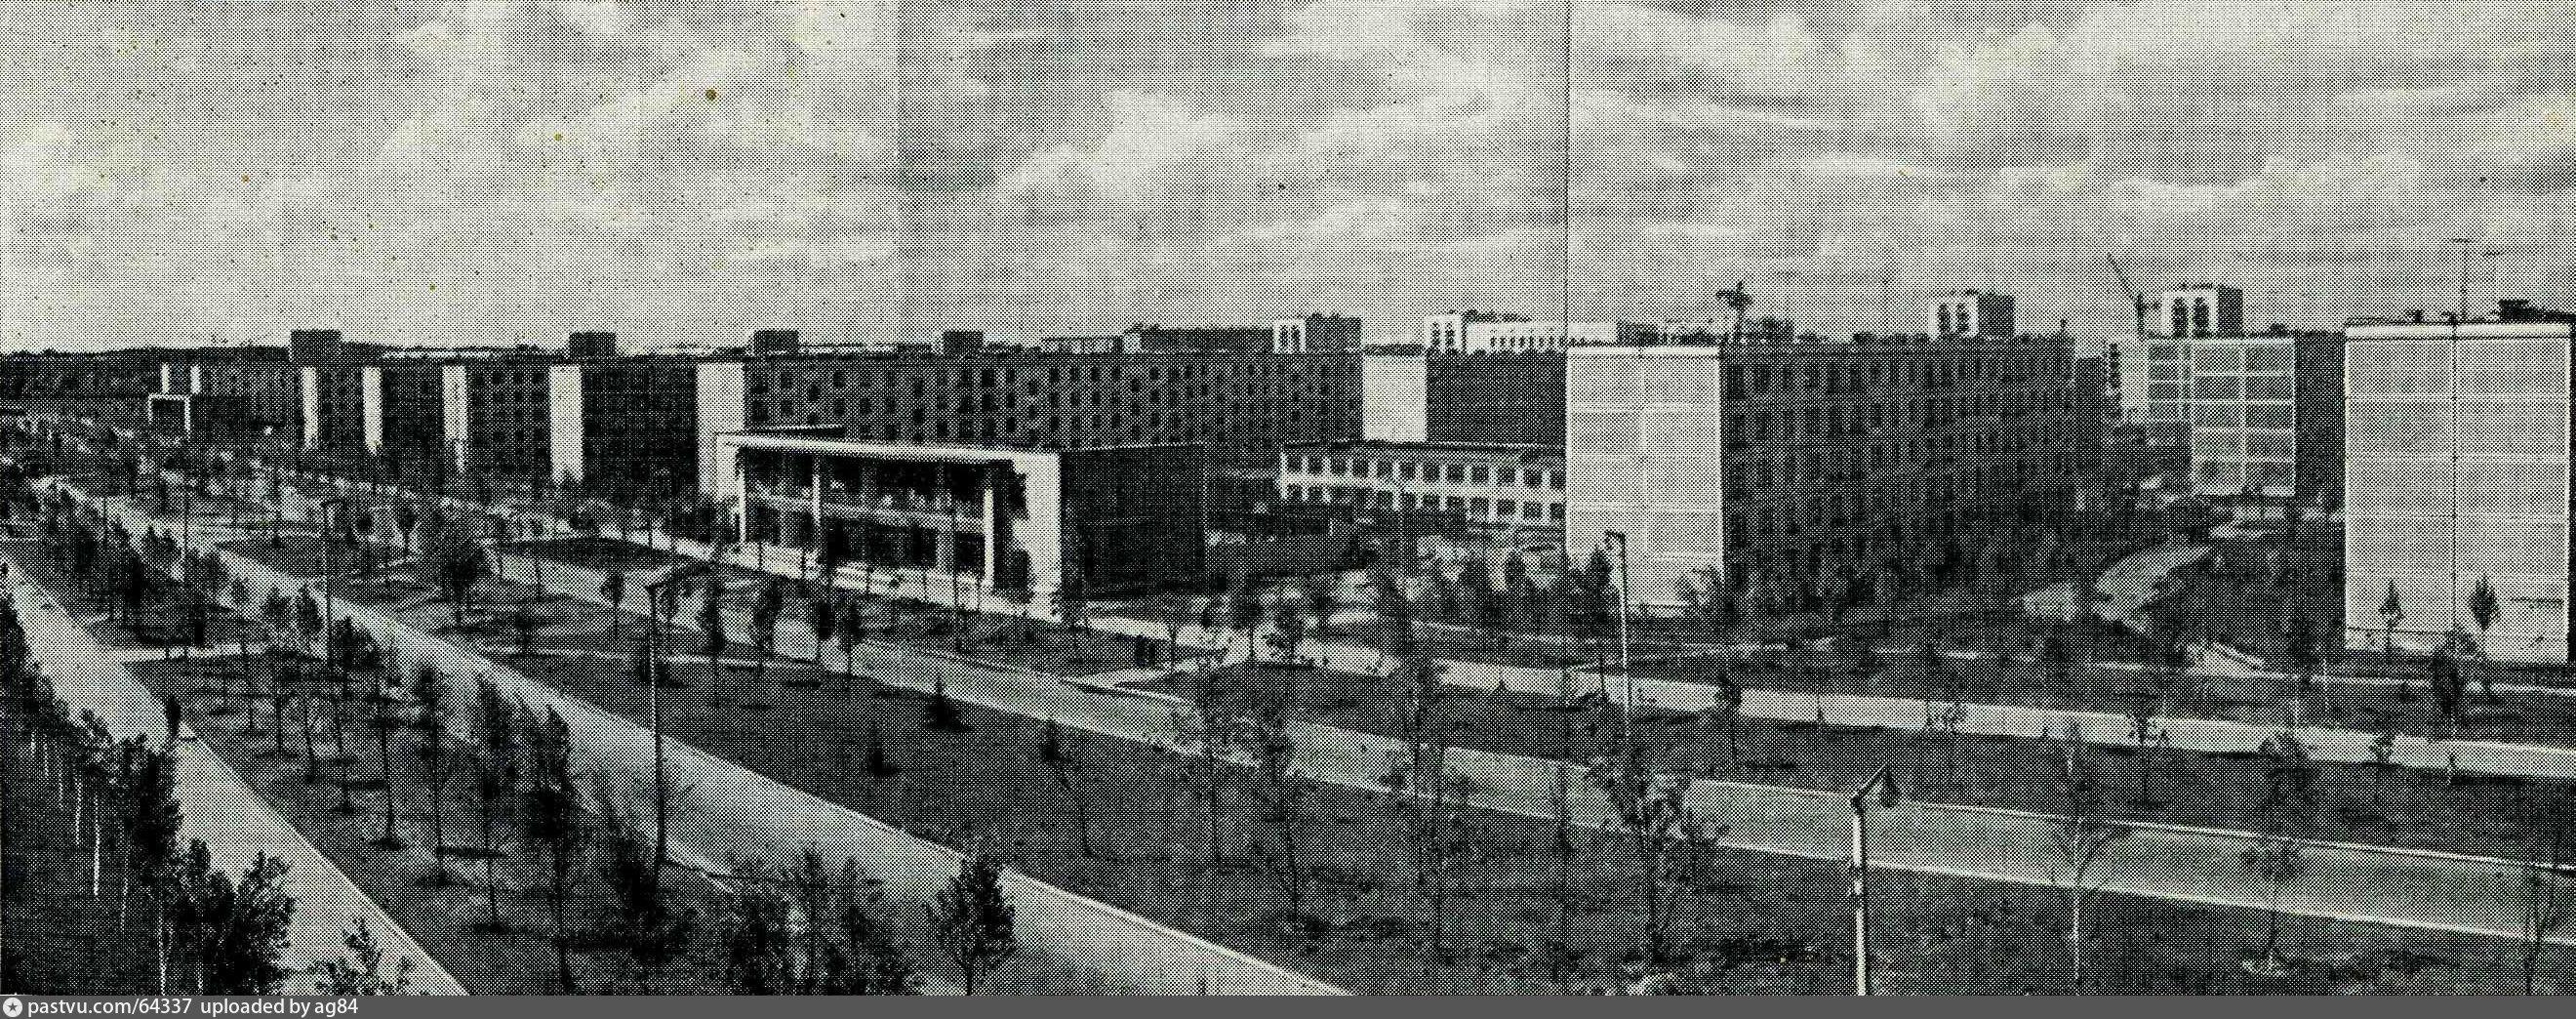 Улица фонвизина старые фото